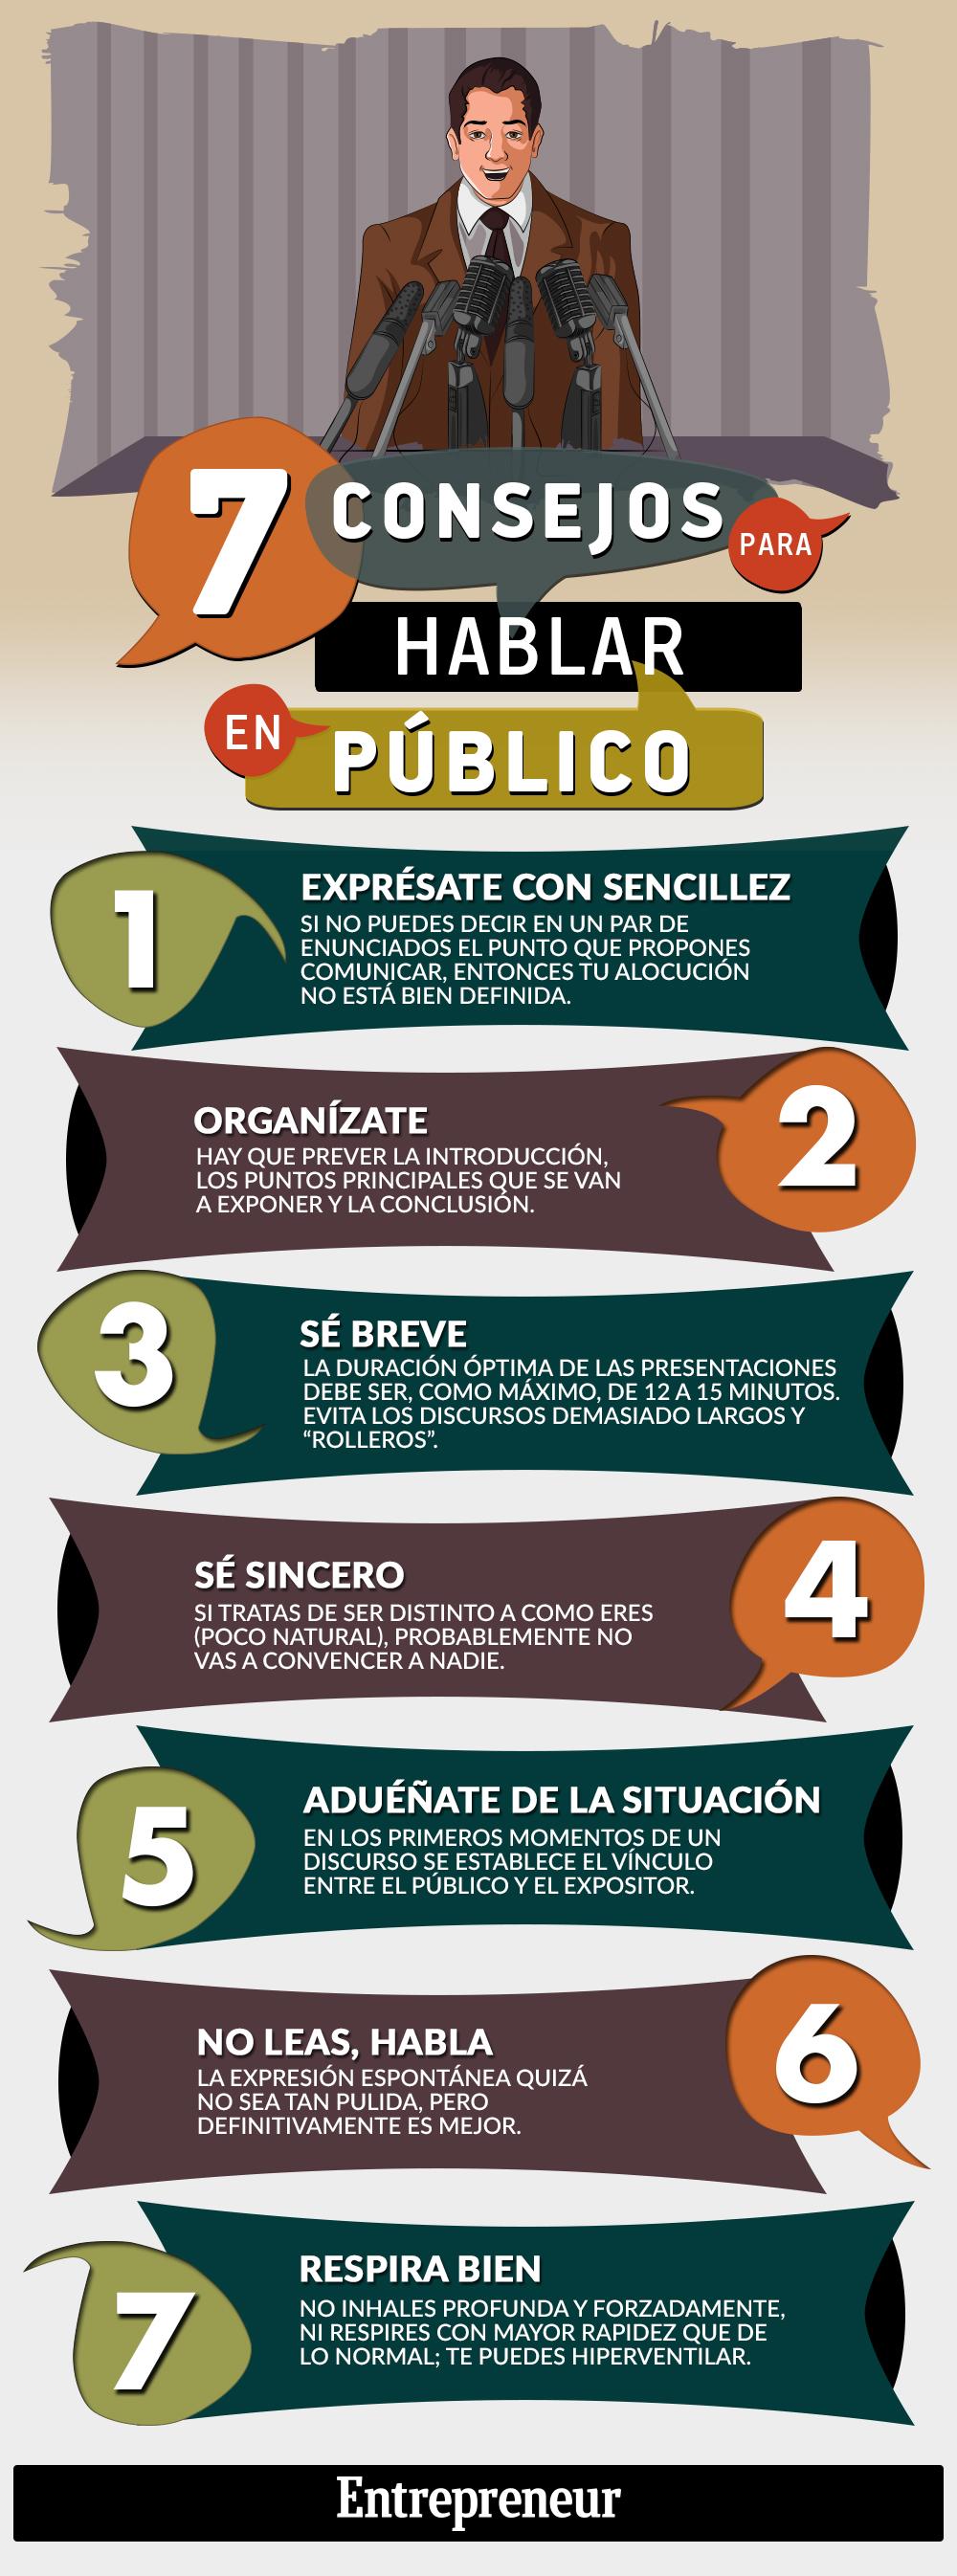 7 Consejos para hablar en Público- Infografía